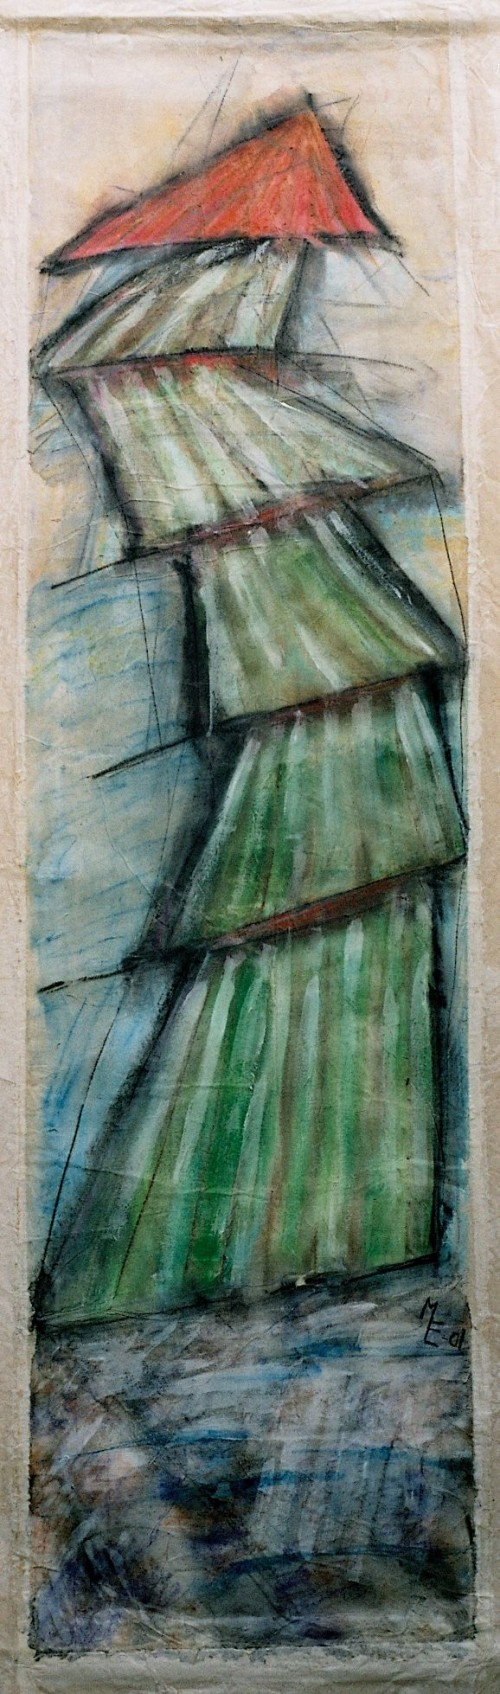 Papirbane ca. 55x175 cm. Japan - og kinapapir limet sammen i flere lag. Blandet teknik medakvarel-/olie- farvekridt ogakryl.